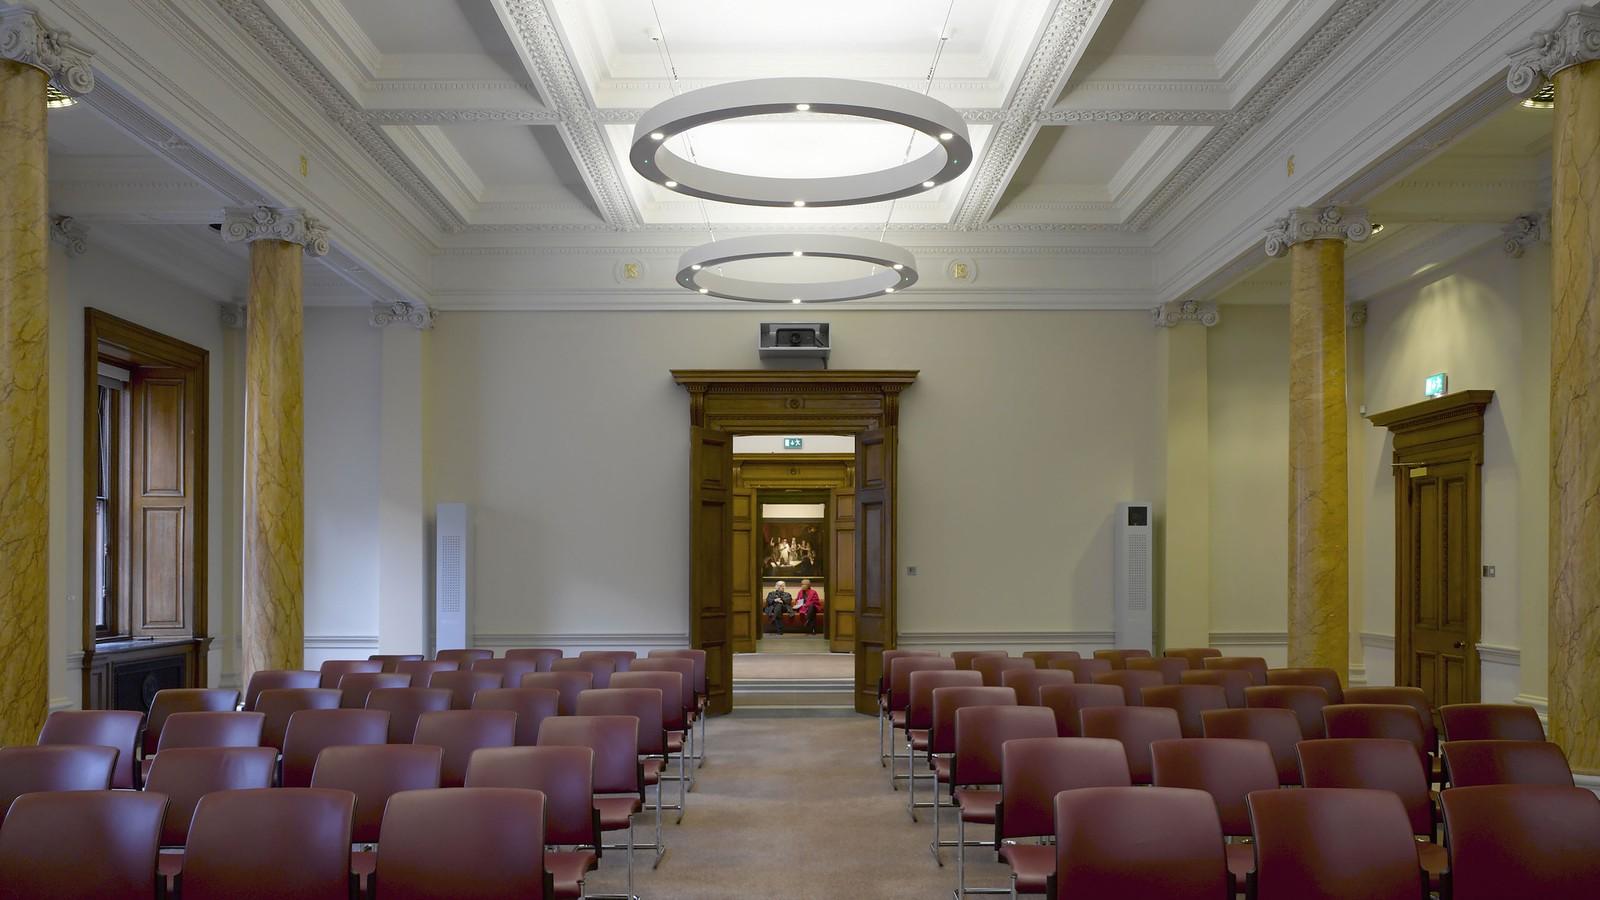 Royal Society of Chemistry 3